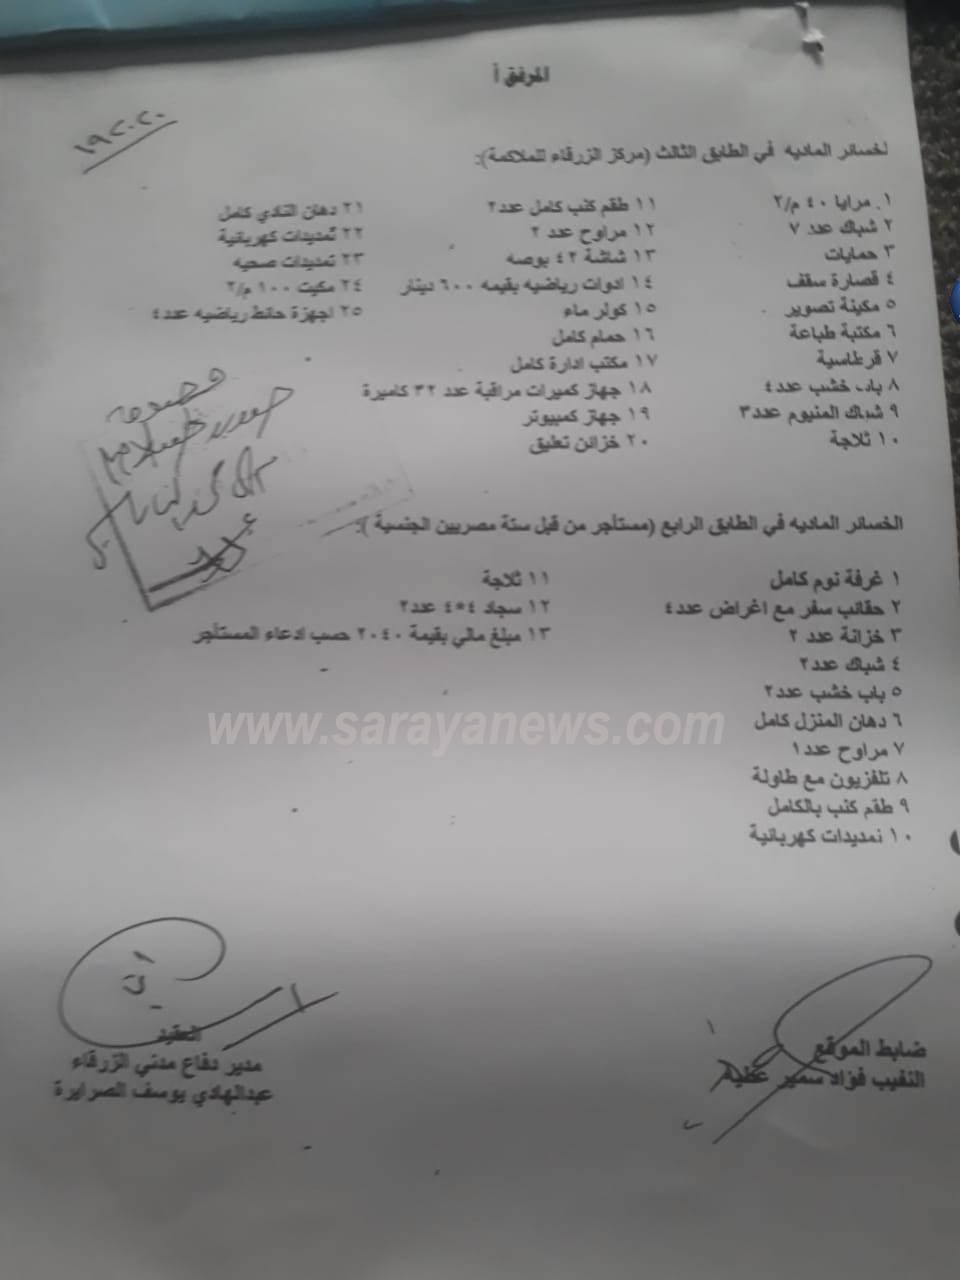 بالصور  .. بعد ما احترق مصدر رزقه  .. مواطن يناشد اهل الخير بإعادة ترميم محله التجاري